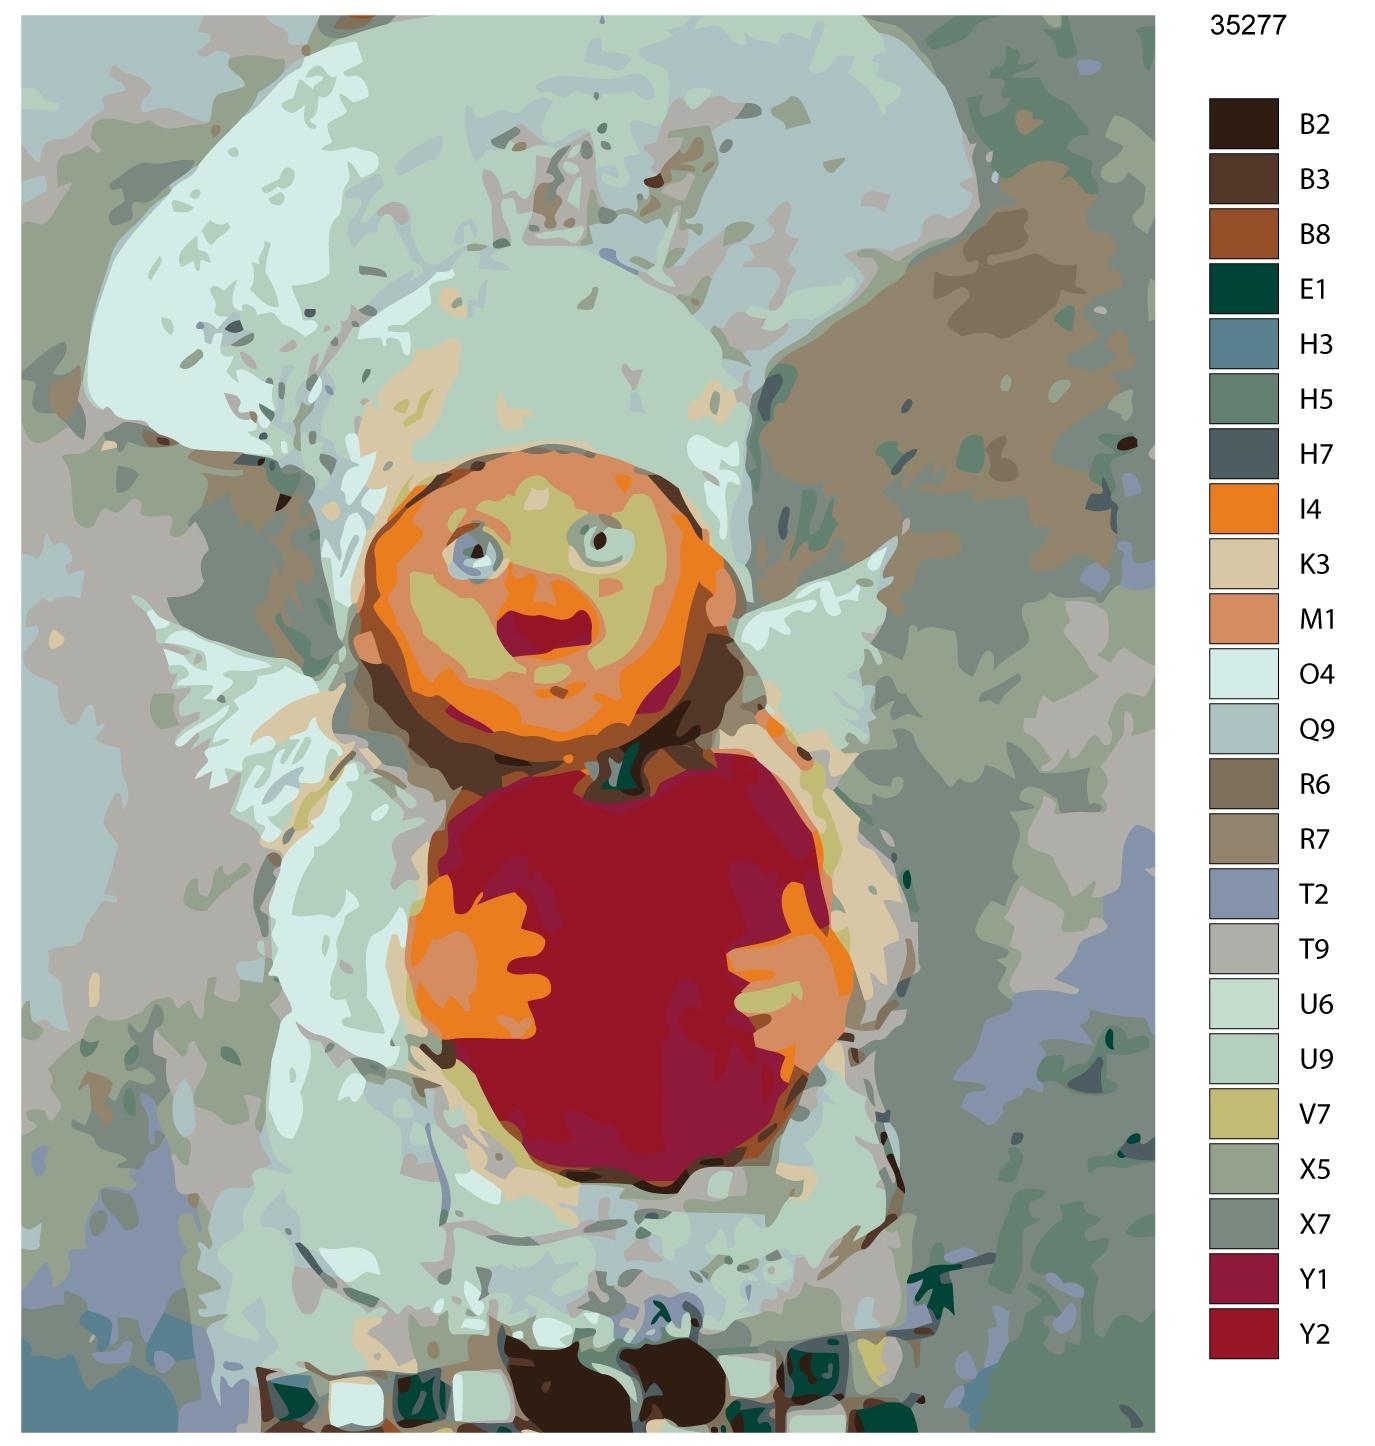 Картина по номерам, 40 x 50 см, KTMK-35277